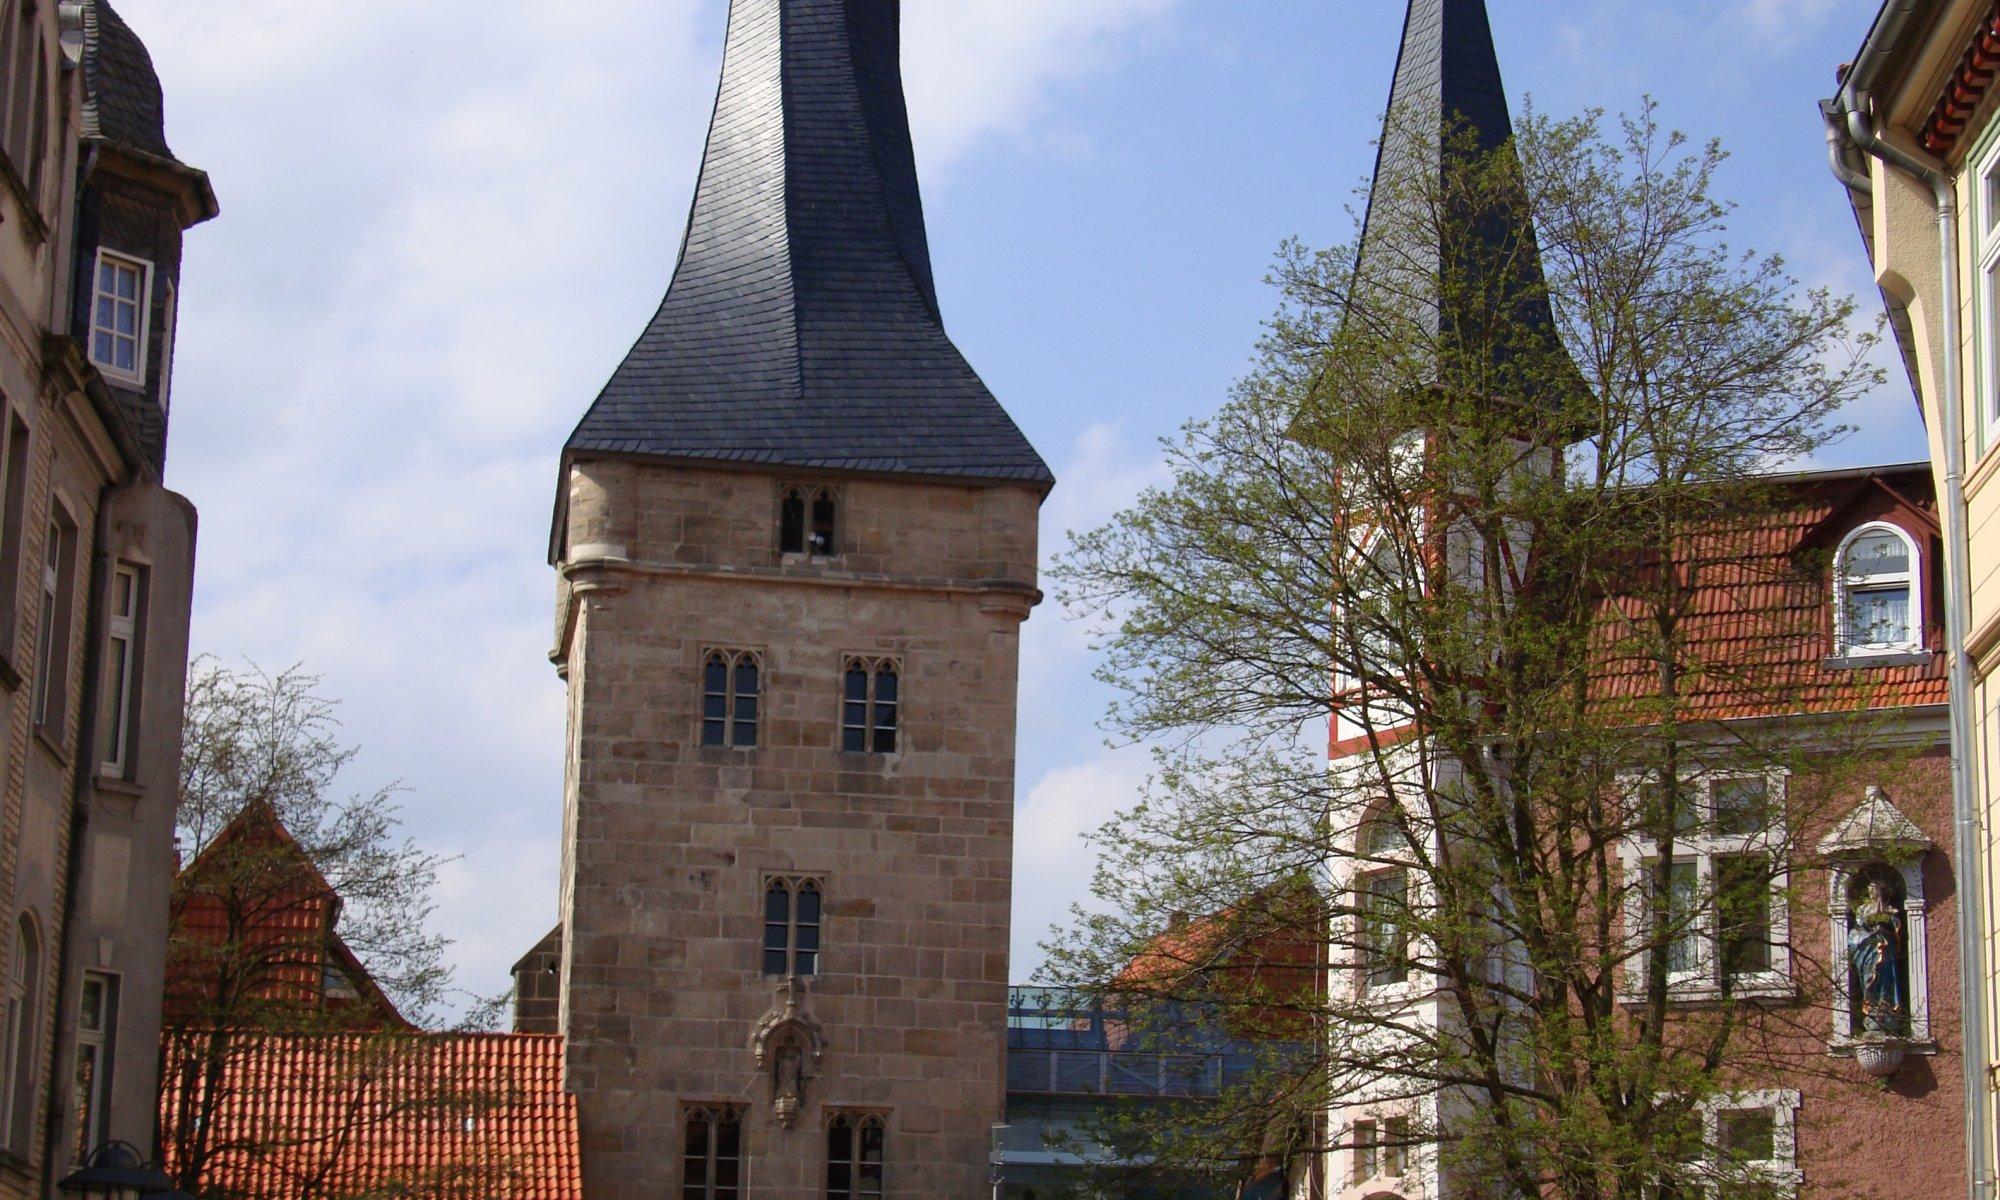 Westerturm, Duderstadt